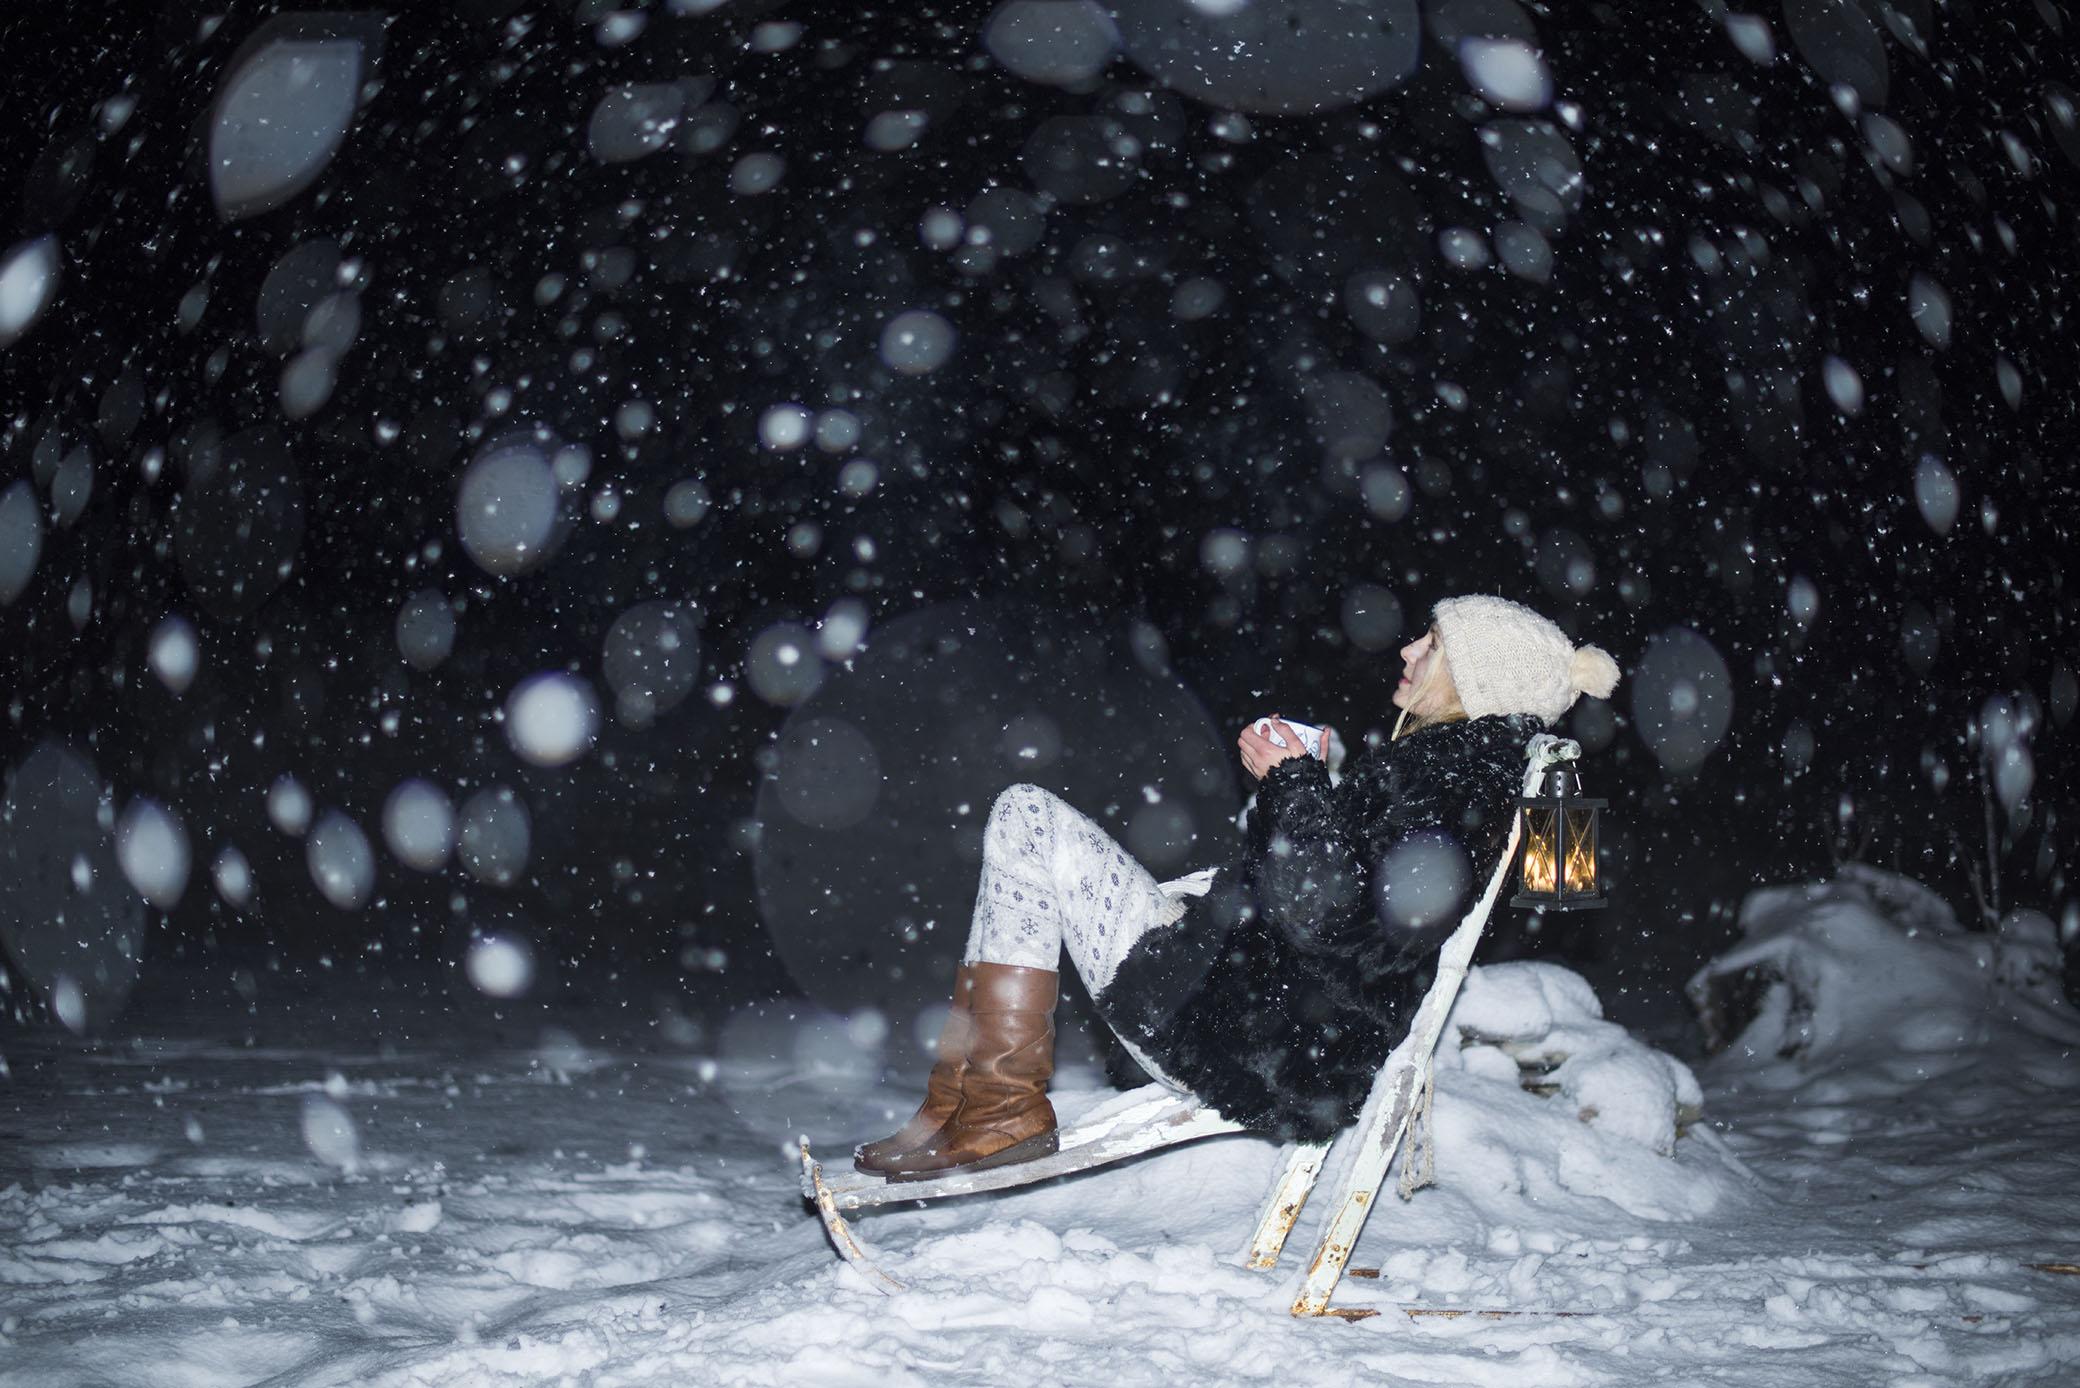 Huset är städat, granen är klädd, snön faller och jag välkomnar julen ute i natten med en kopp varm glögg. Bättre kan jag knappast ha det.